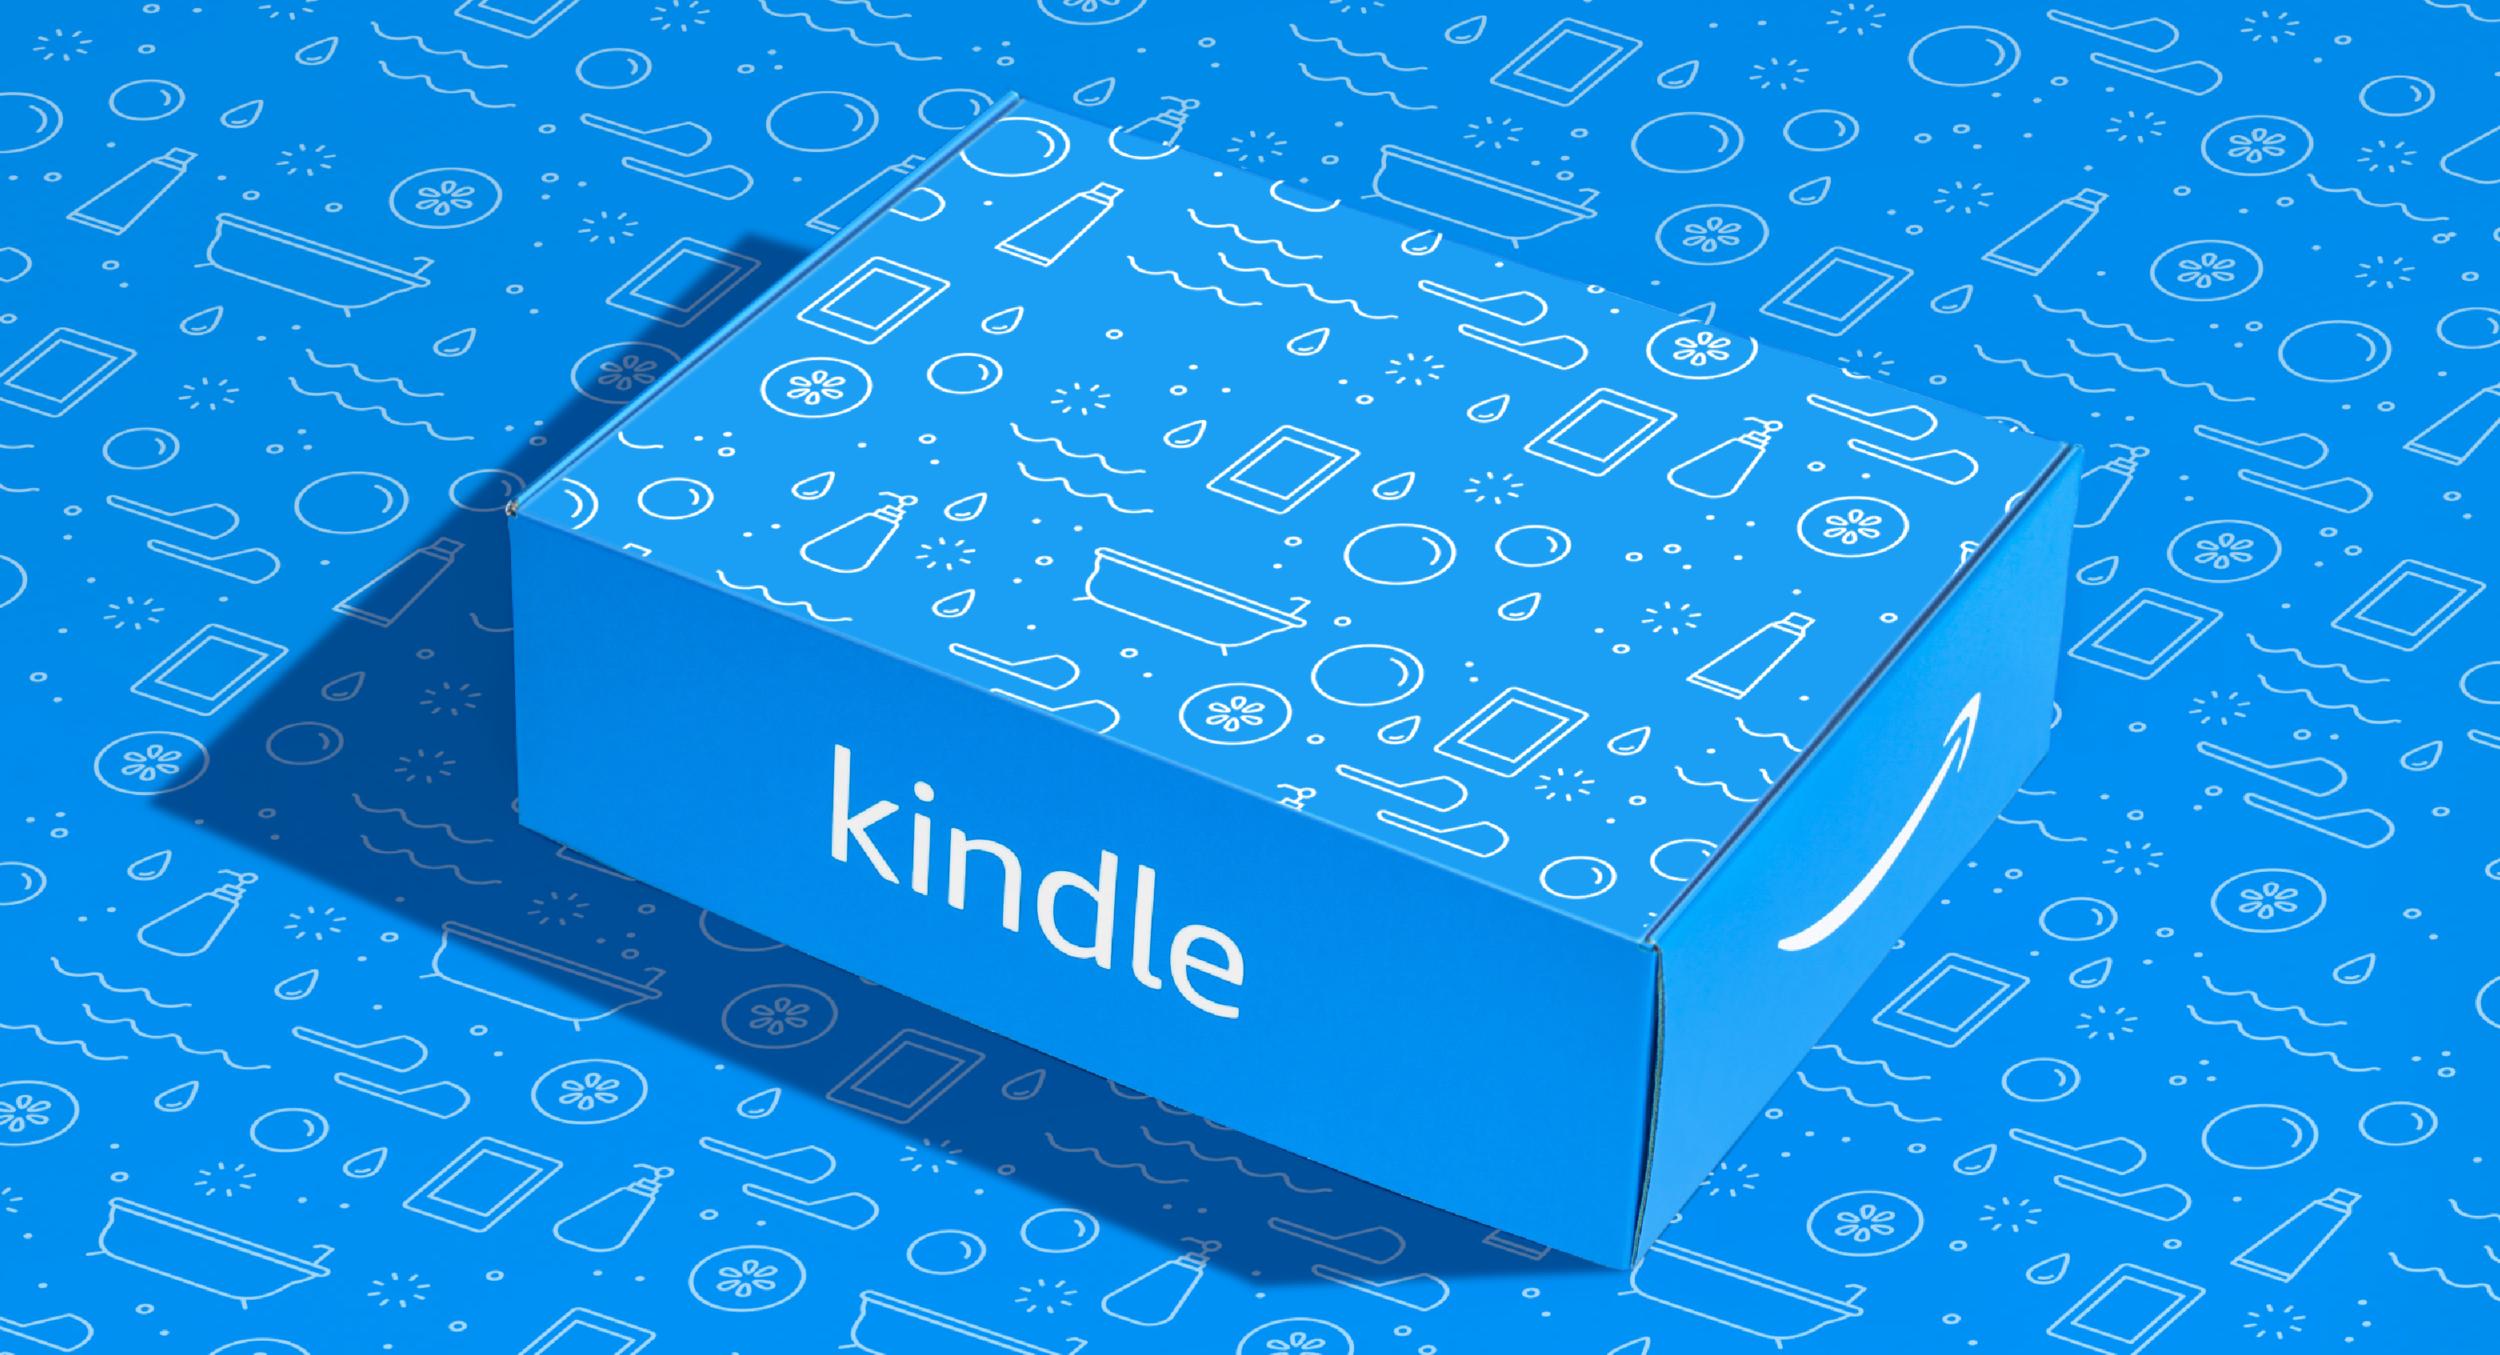 Amazon Kindle Box-03.png